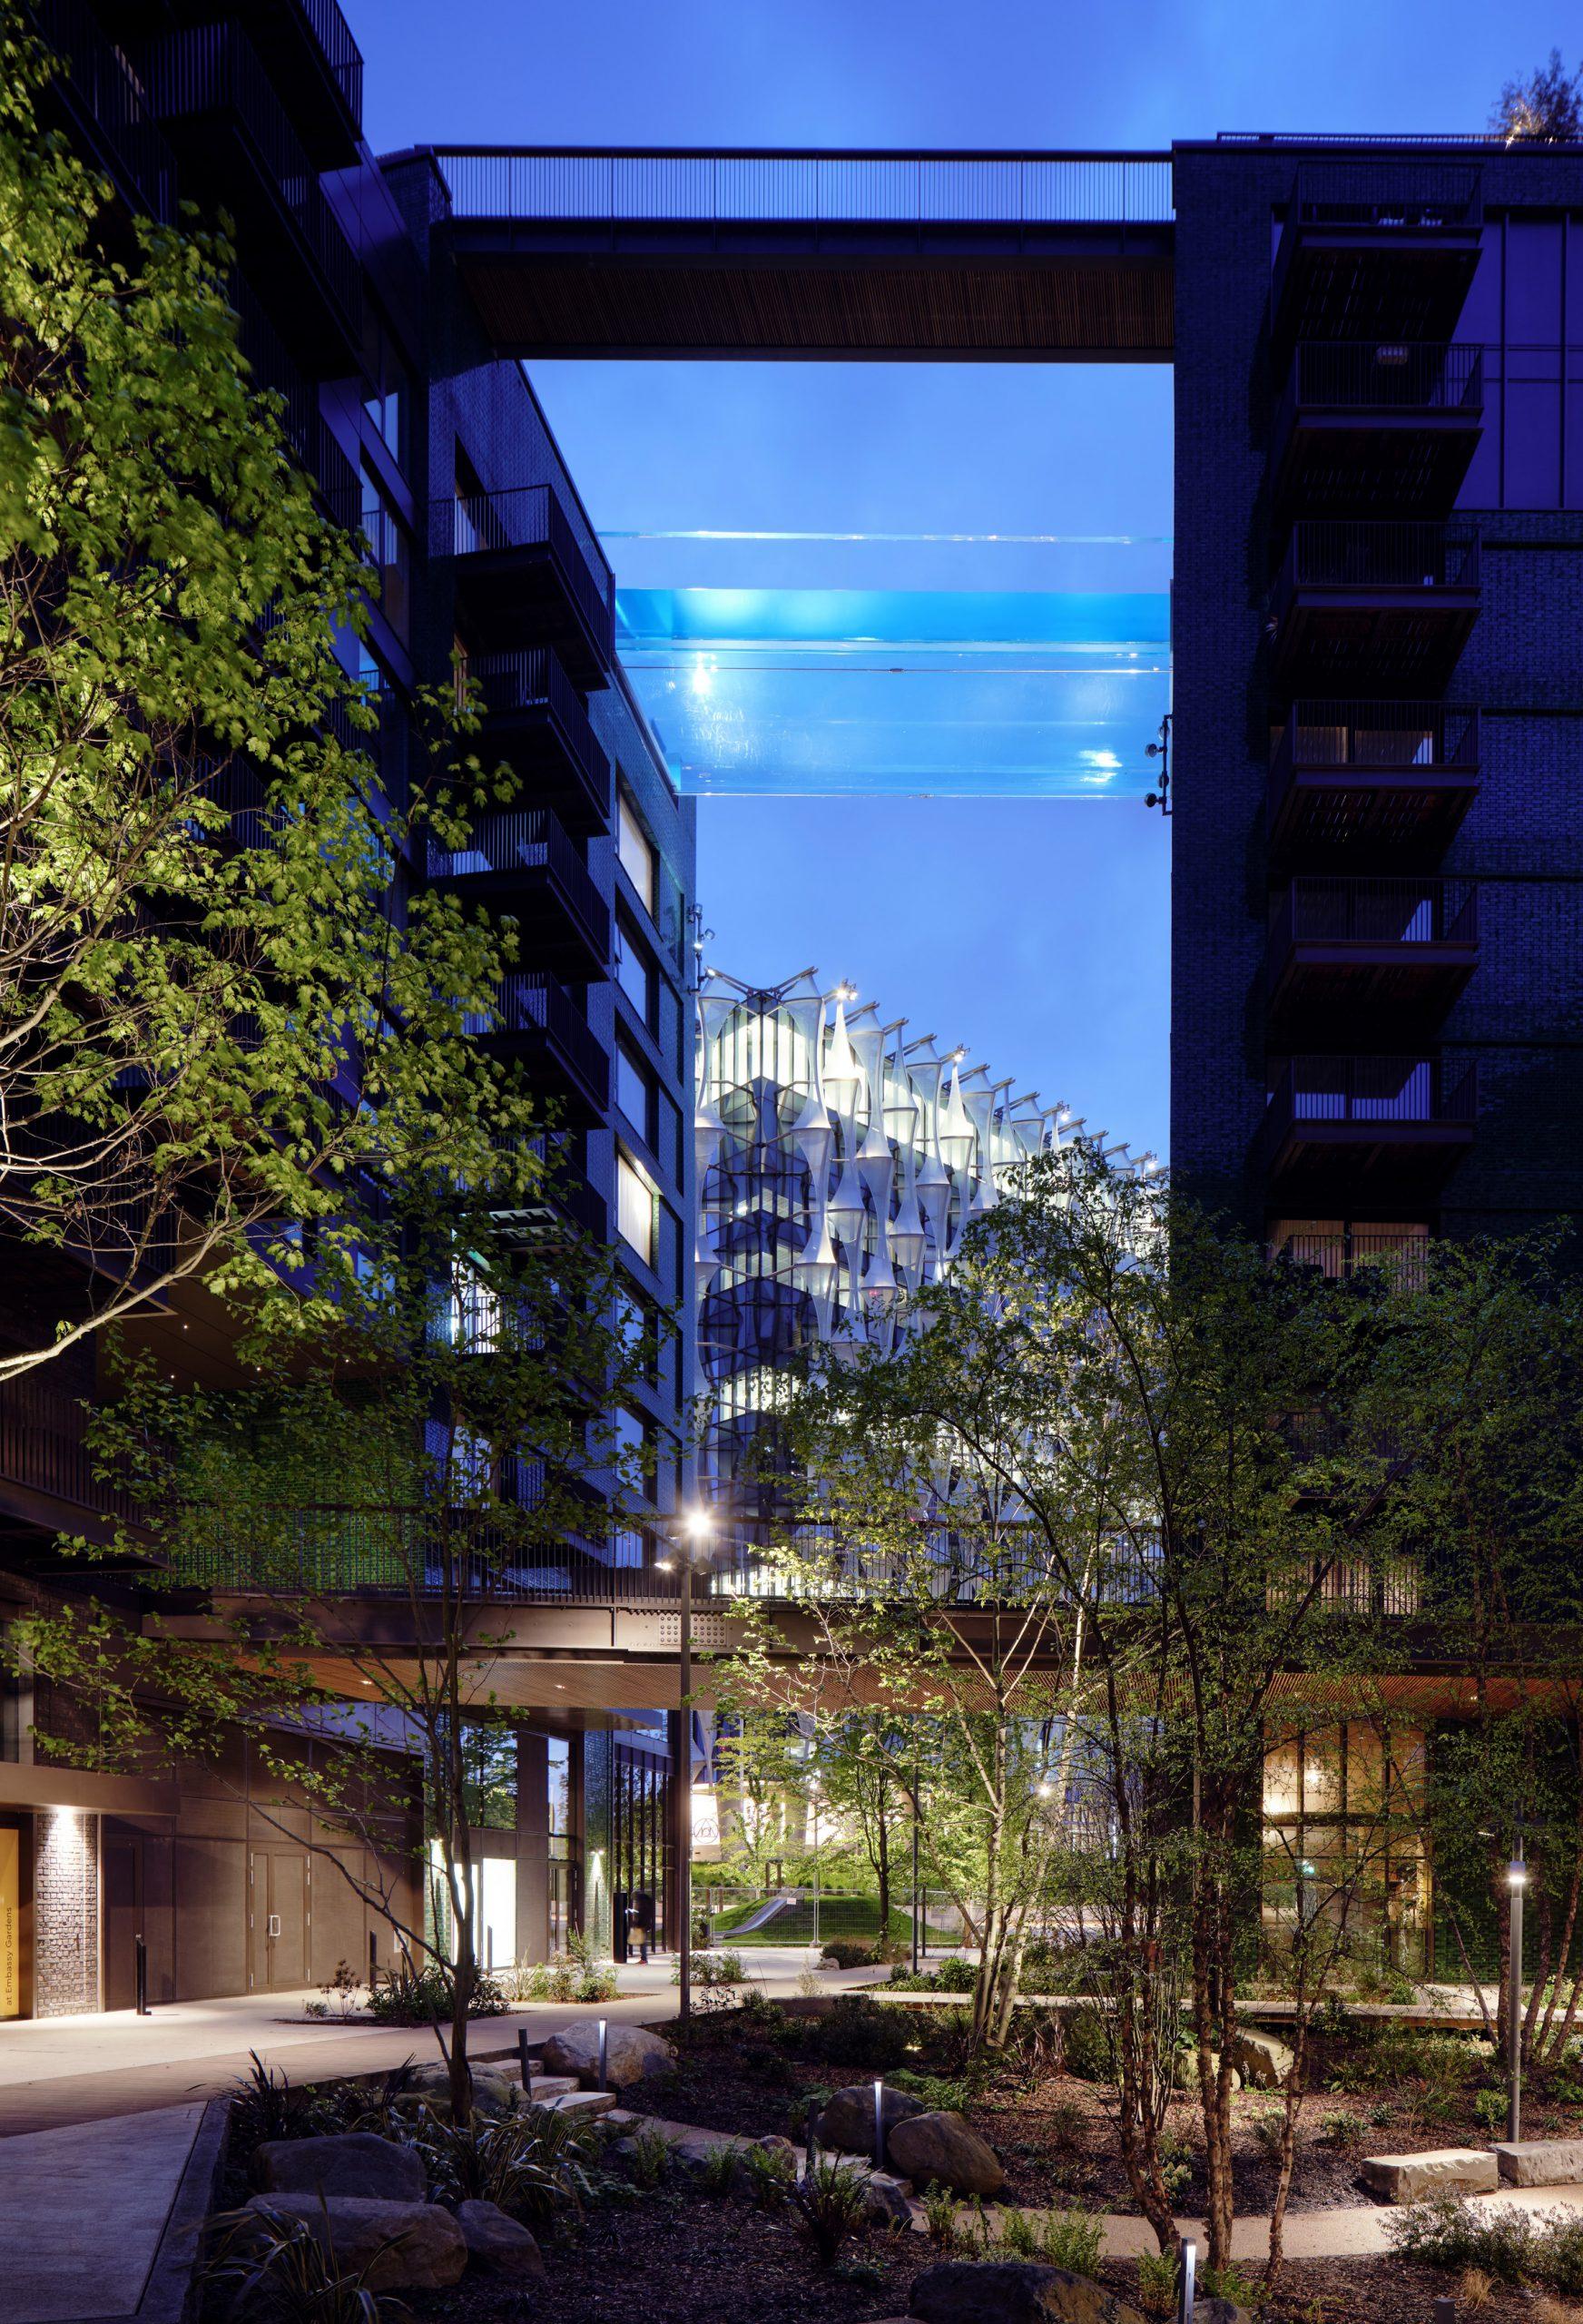 sky pool piscina transparente conecta dois blocos residenciais em londres